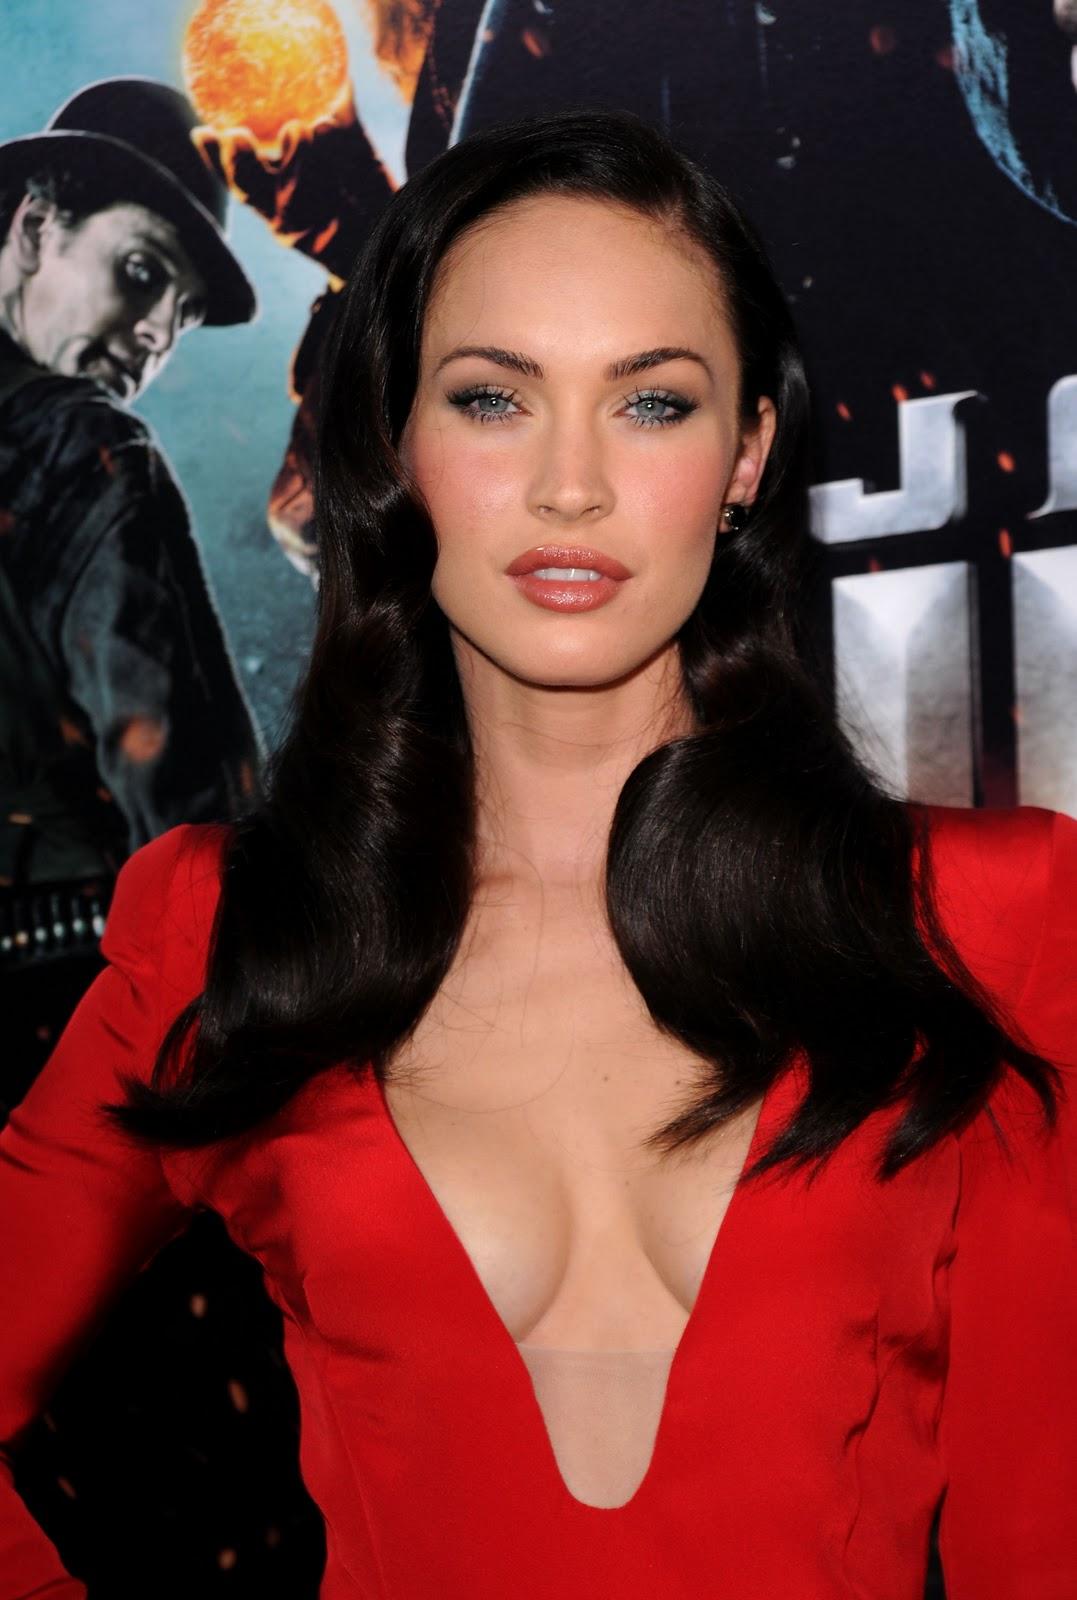 http://4.bp.blogspot.com/-PTj_up89YVg/Typ8WzYA75I/AAAAAAAABPg/UeU96l30iac/s1600/Megan_Fox_Jonah_Hex_Premiere----www.malluclips.net+%282%29.jpg